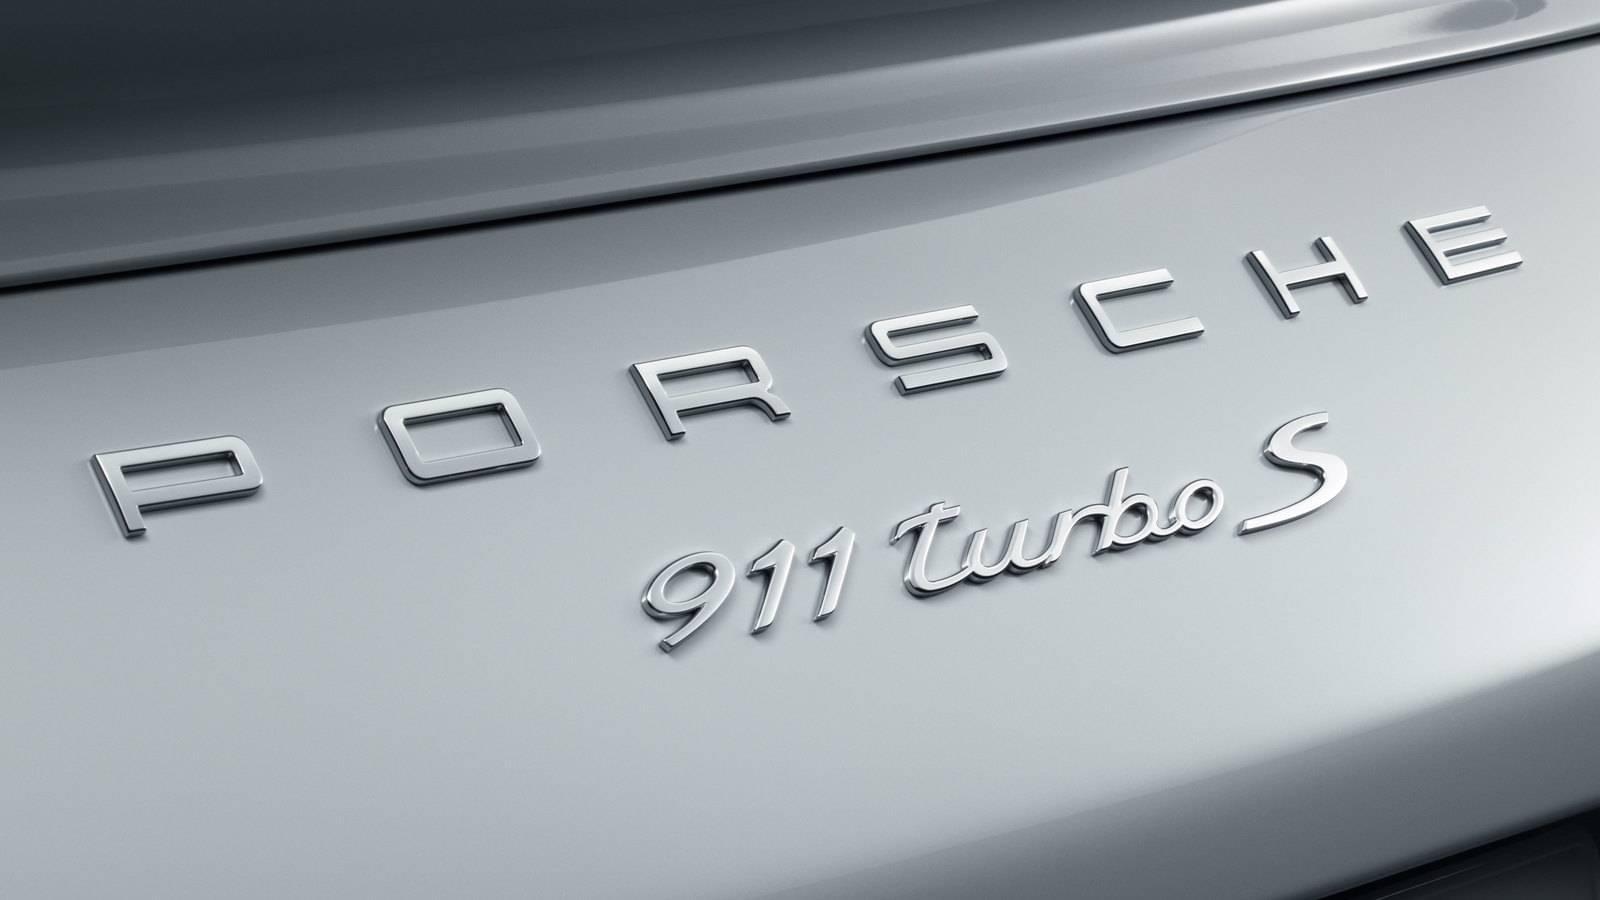 Porsche Turbo S badge